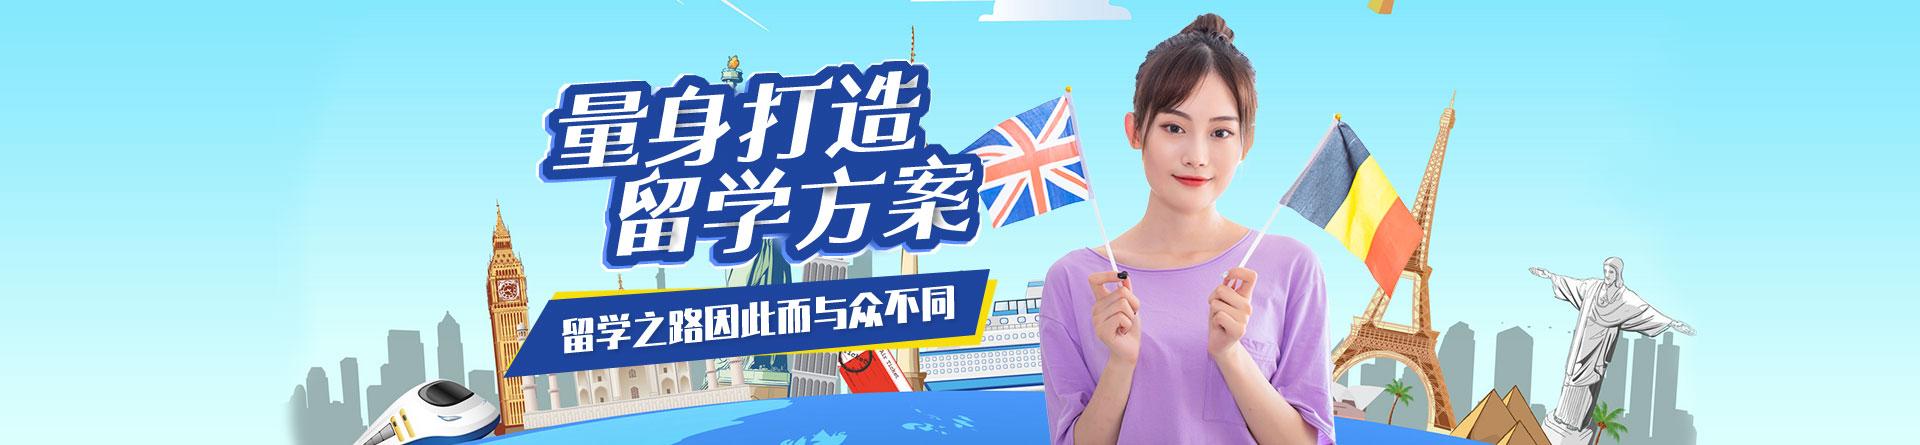 河南新乡飞洋留学机构